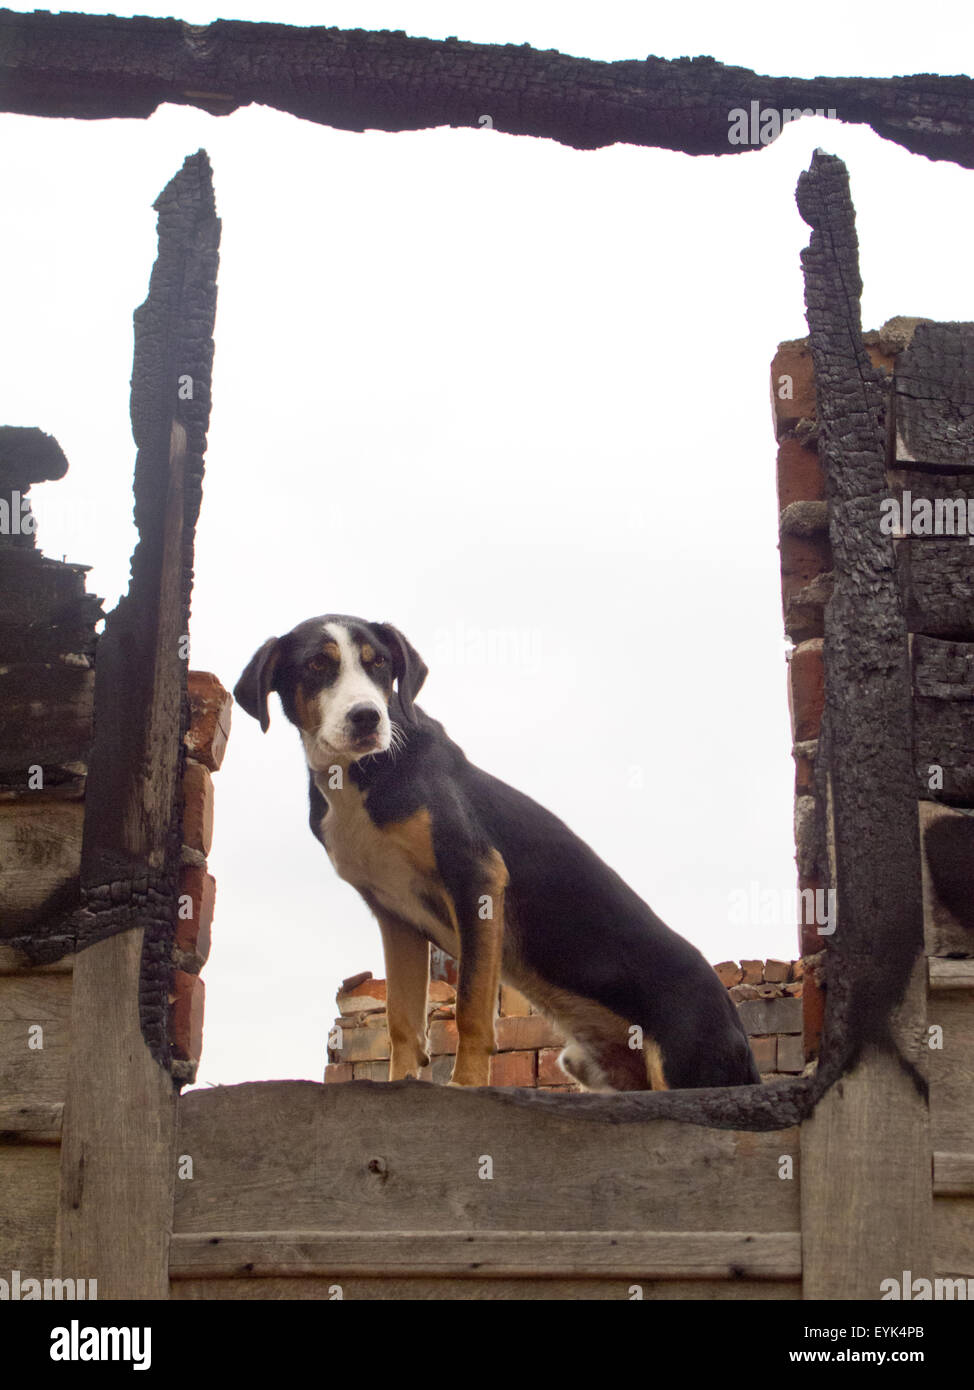 dog watcher stock photo 85858035 alamy